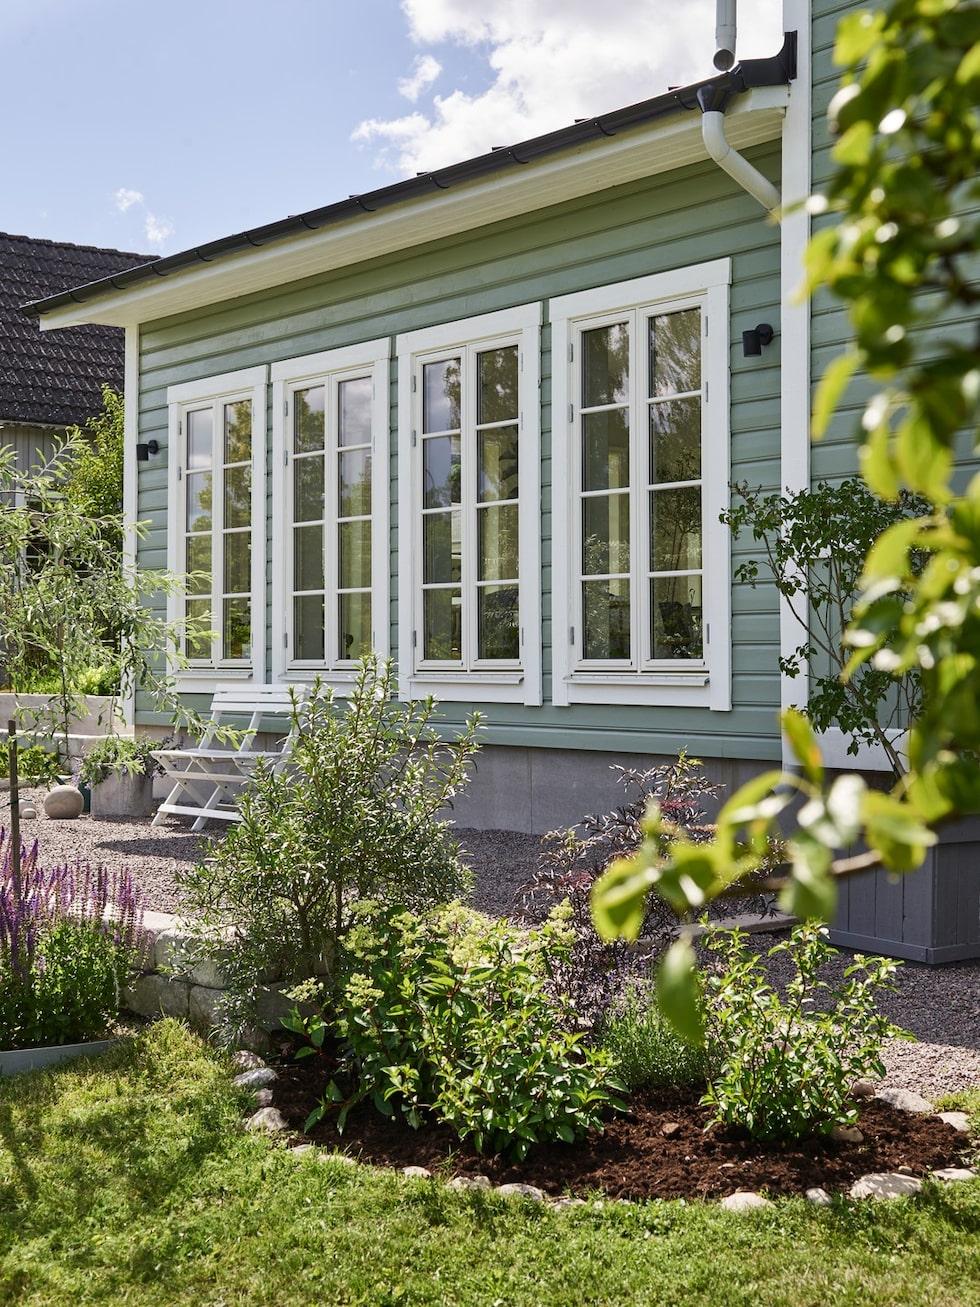 Therése och Nicklas har båda ett stort trädgårdsintresse och de har skapat en trädgård att njuta i, inredd med rabatter med prunkade blommor och odlingslådor som dignar av grönsaker